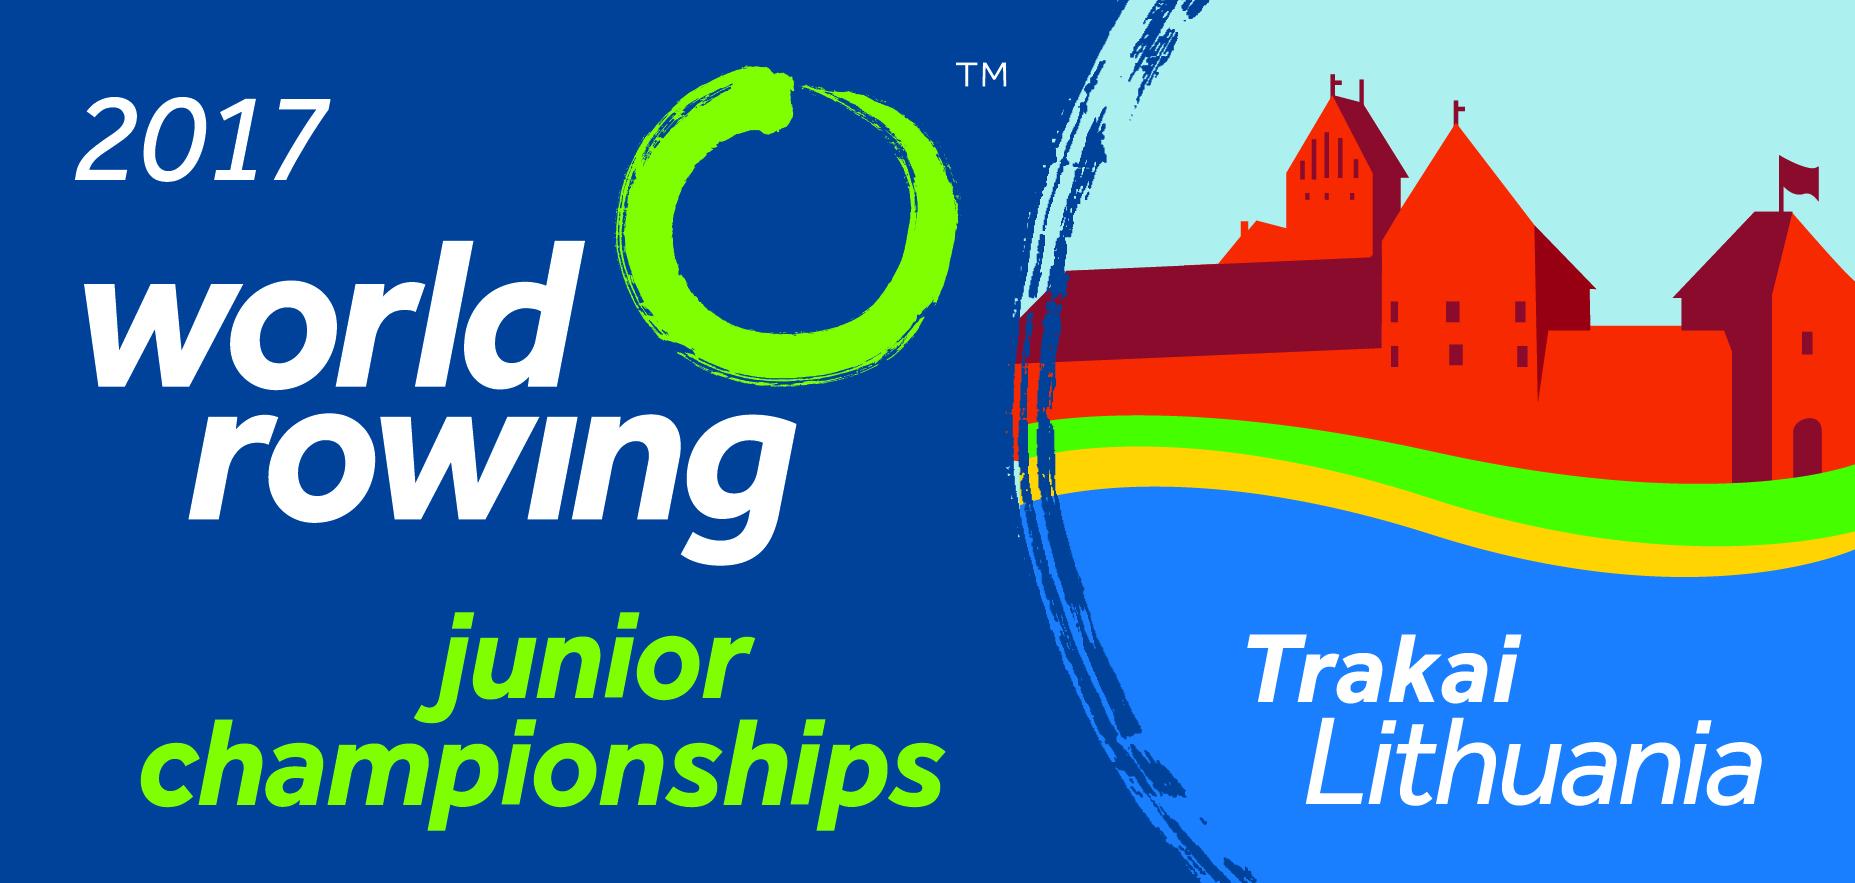 Prisidėjome organizuojant 2017 Pasaulio jaunių irklavimo čempionatą Trakuose